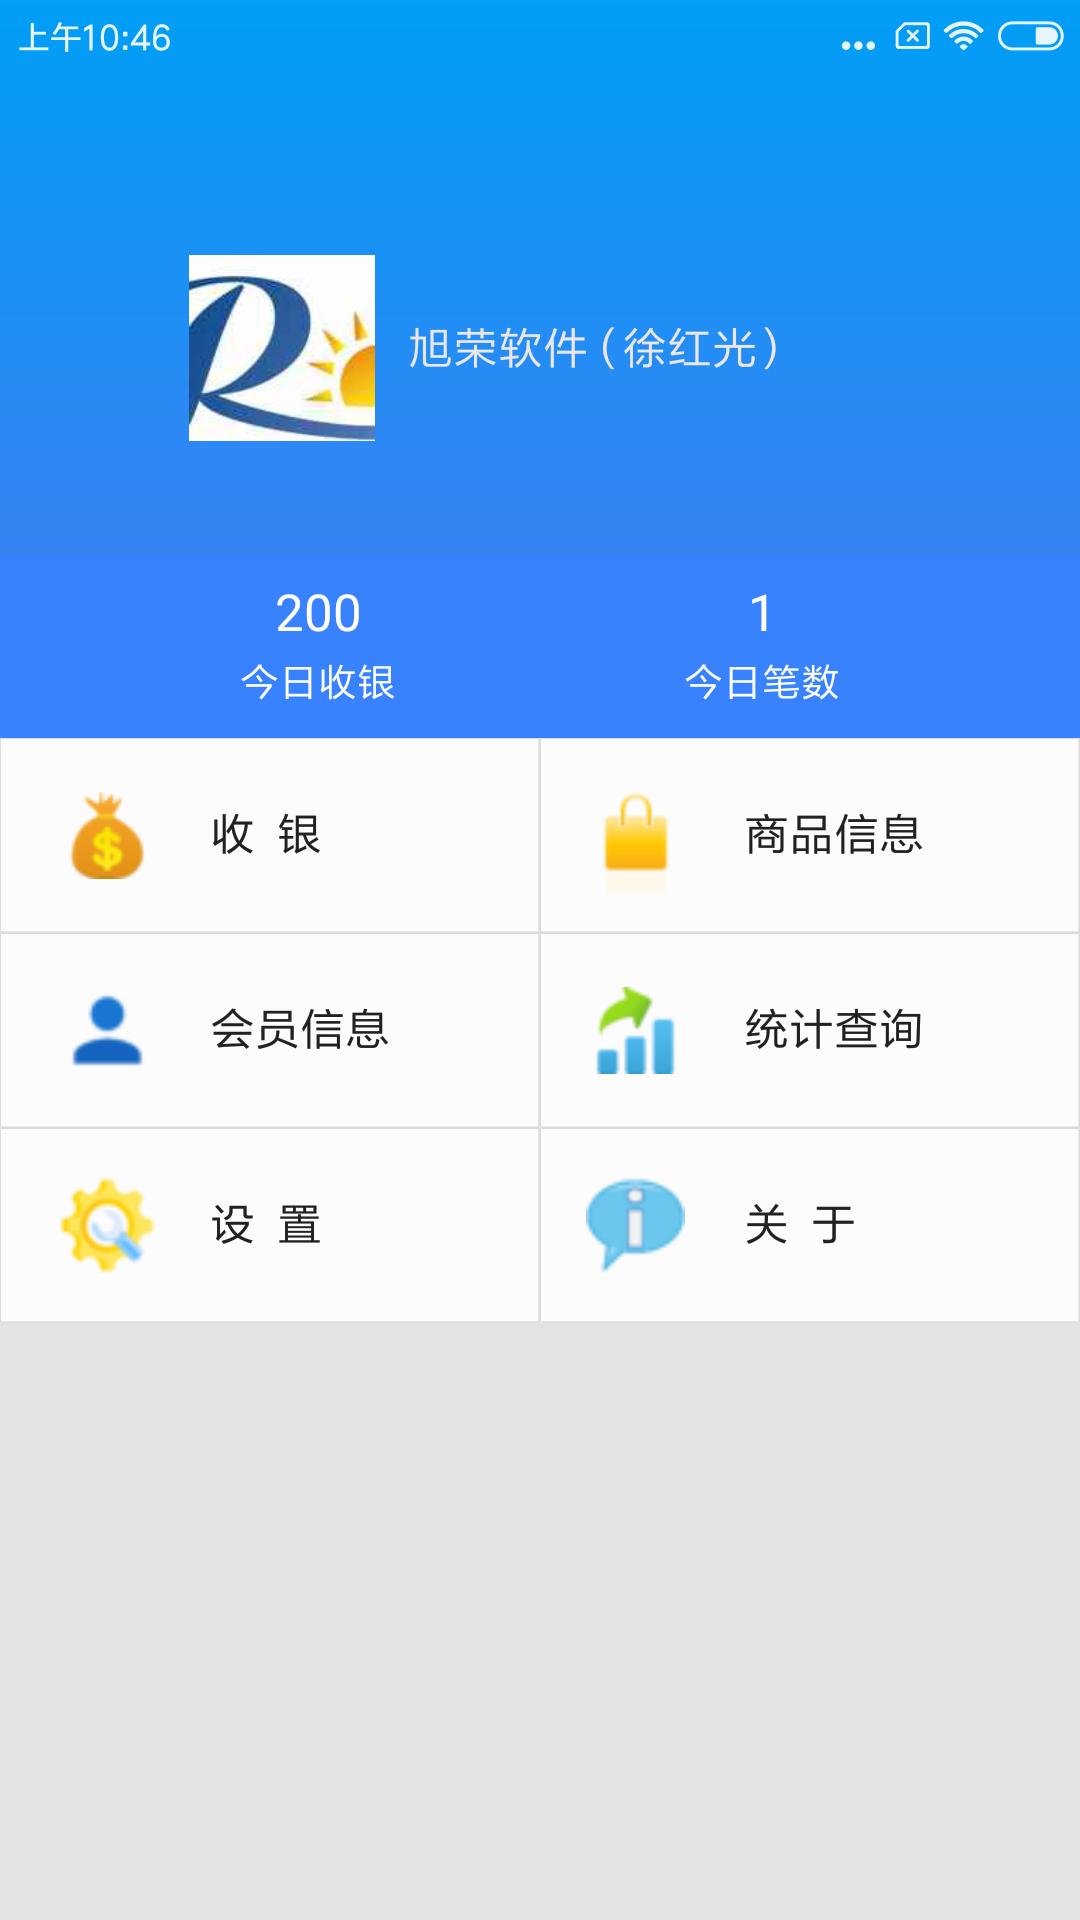 旭荣手机收银软件